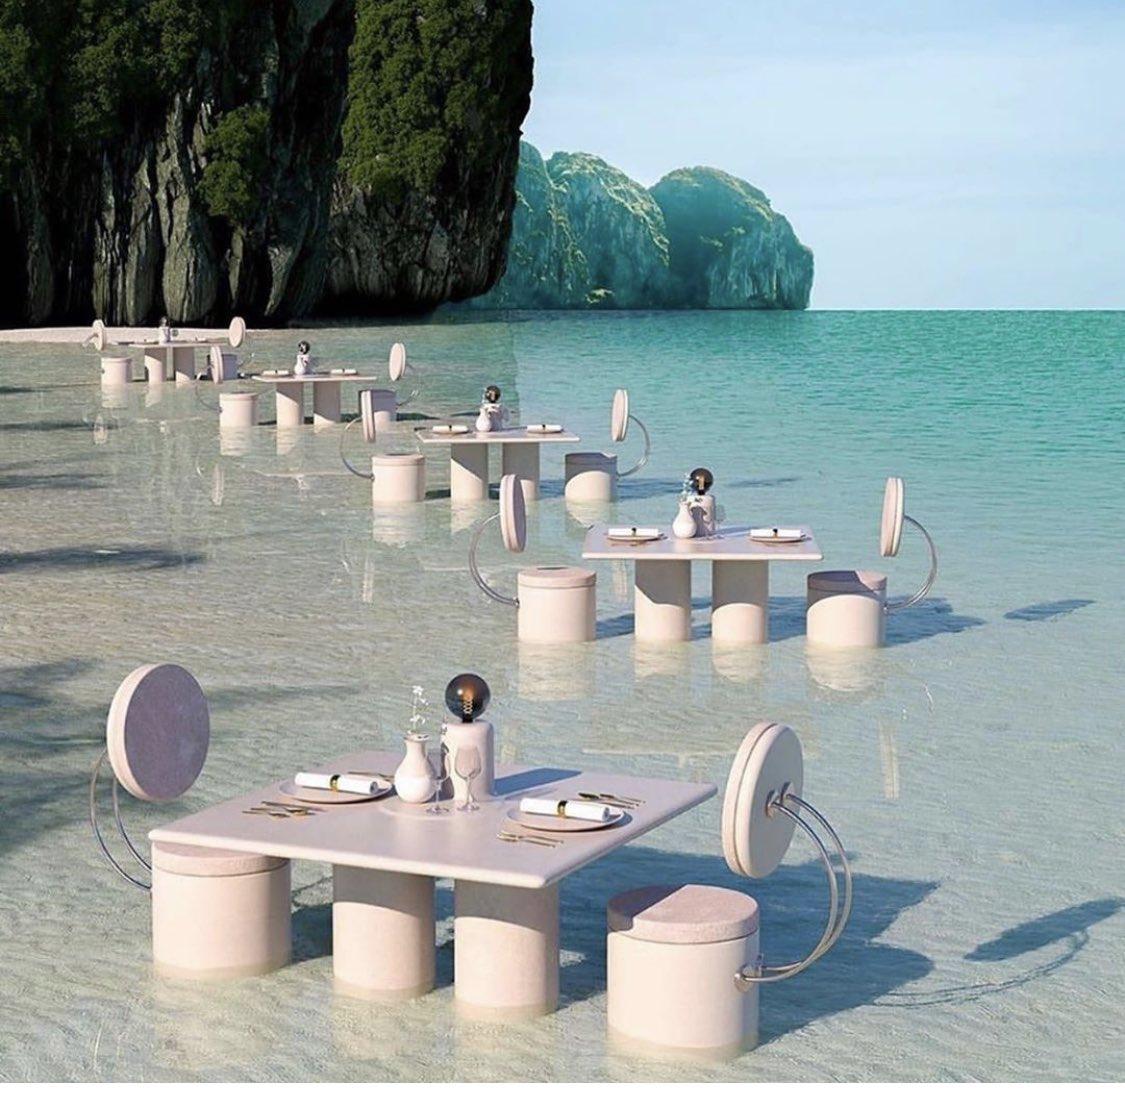 Table for 2 please   #صباح_الخير pic.twitter.com/v0KzfIwqYf